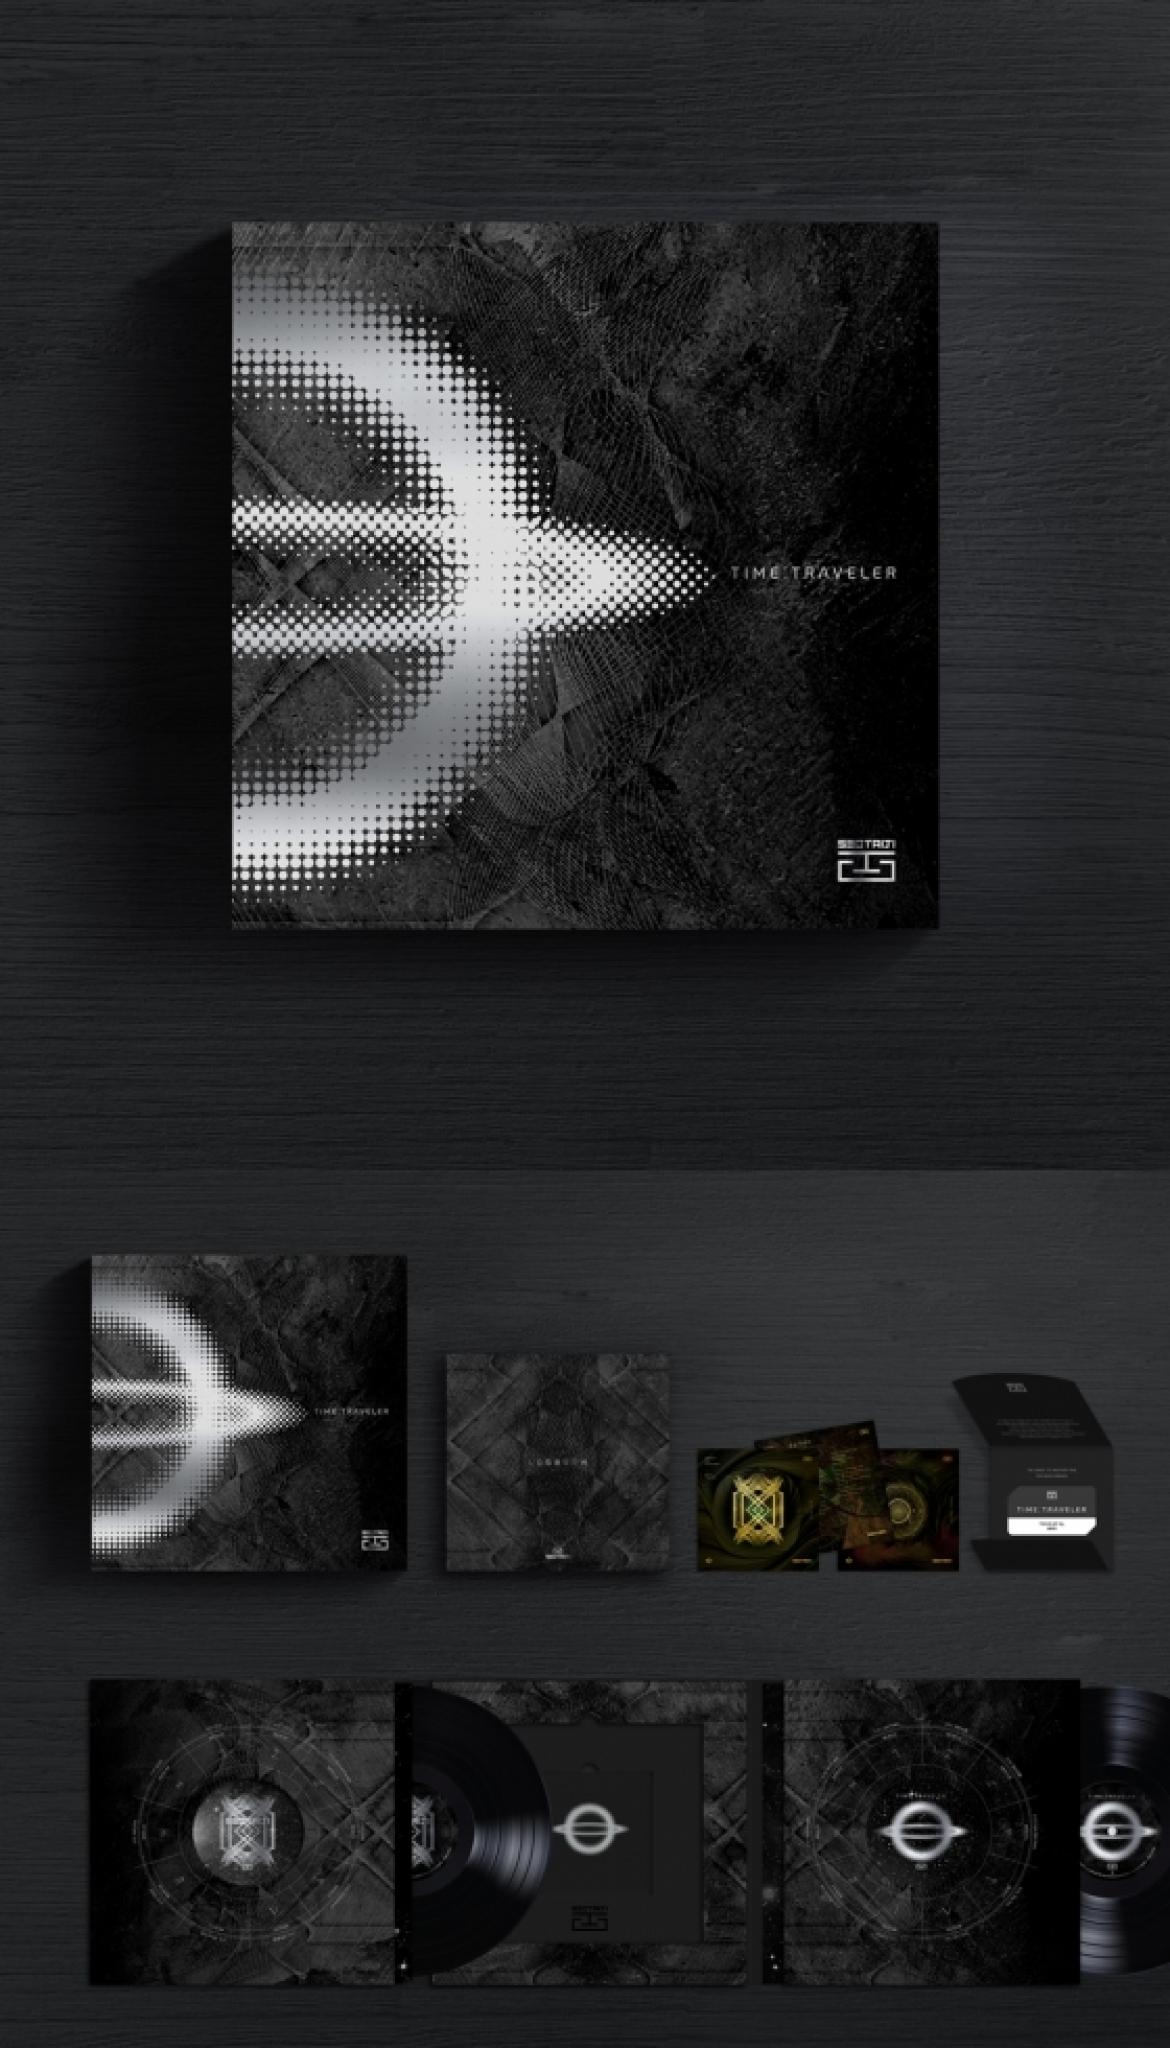 """서태지 LP, 25주년 기념 2500장 한정판매… """"문화적 향수 느낄 선물"""""""